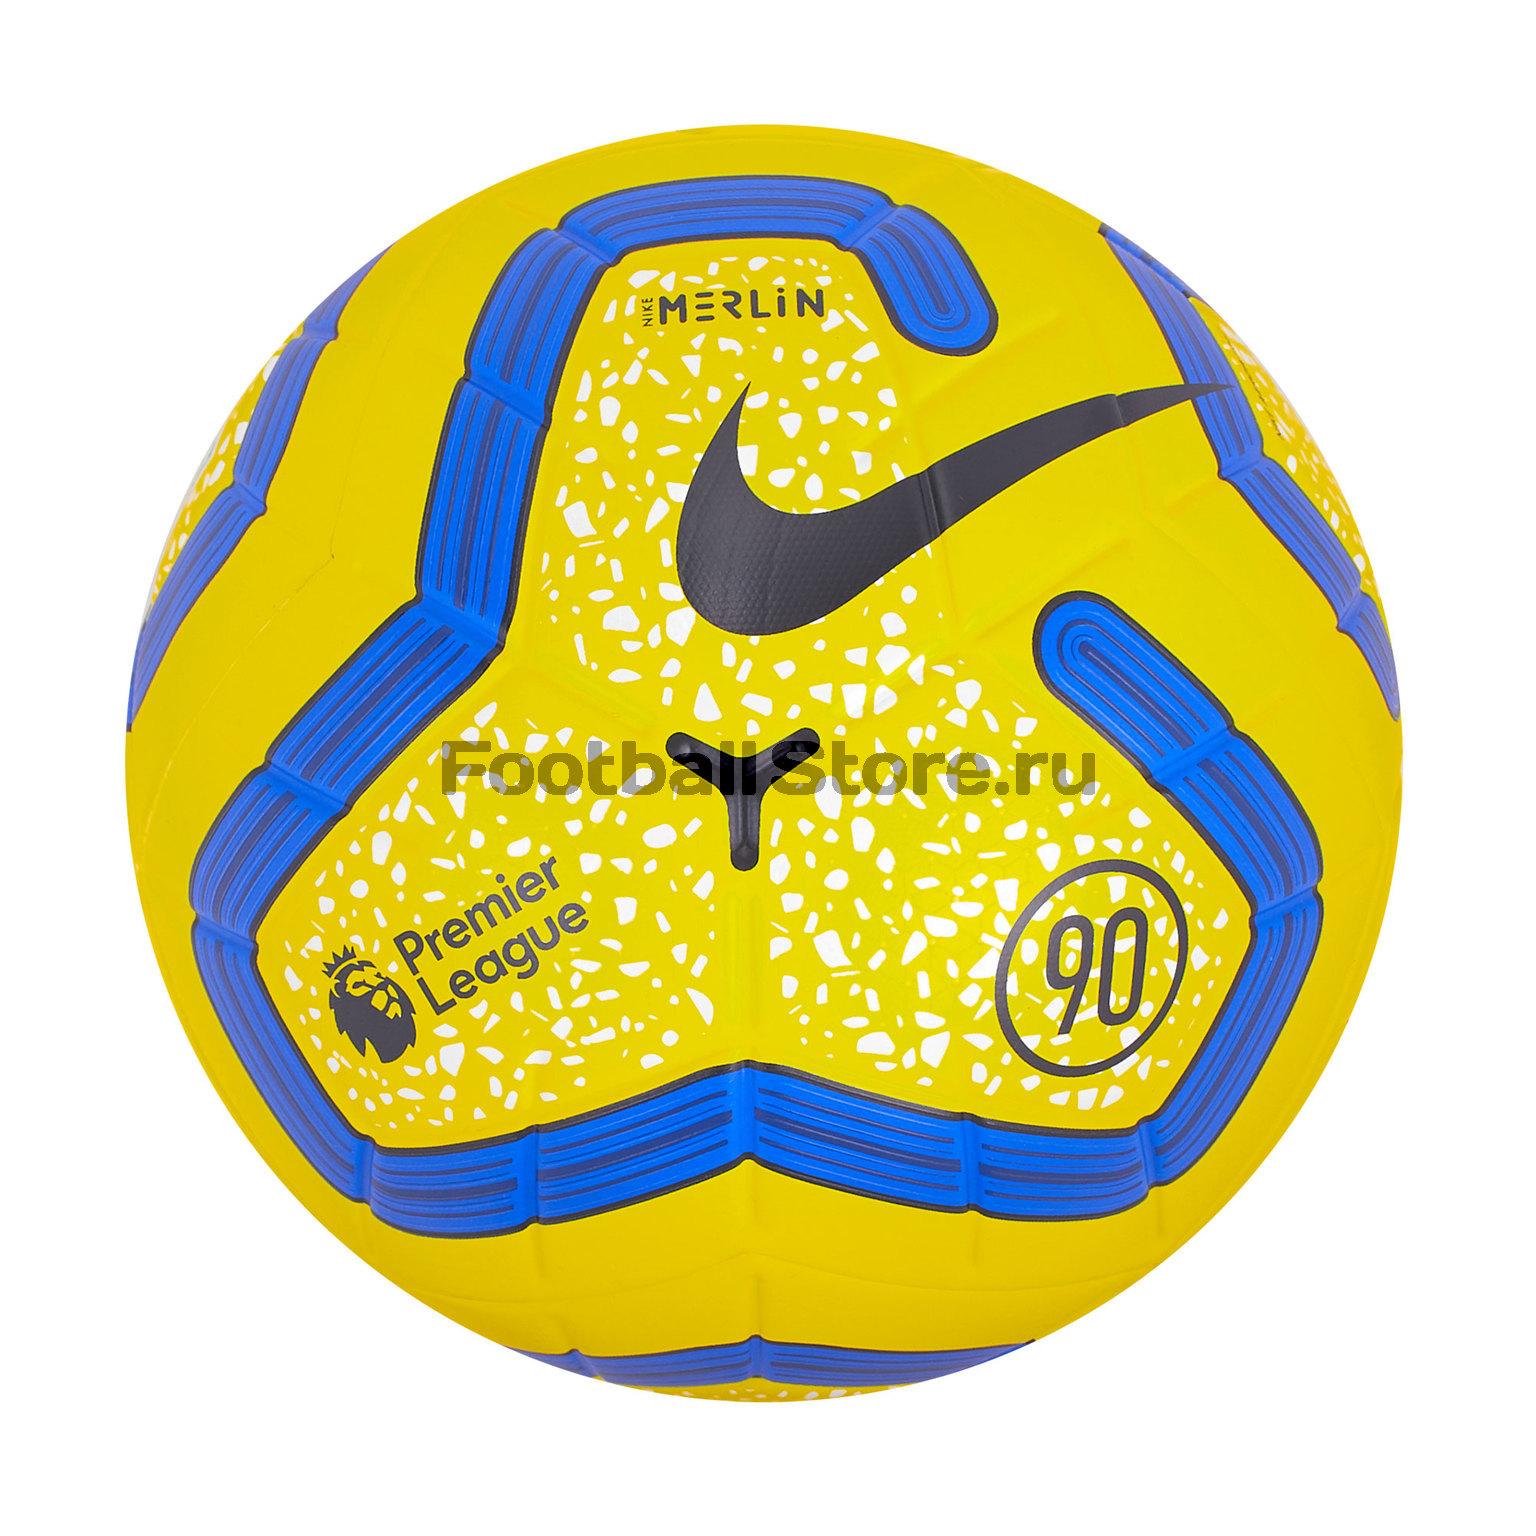 Футбольный мяч Nike PL Merlin SC3549-710 цена в Москве и Питере